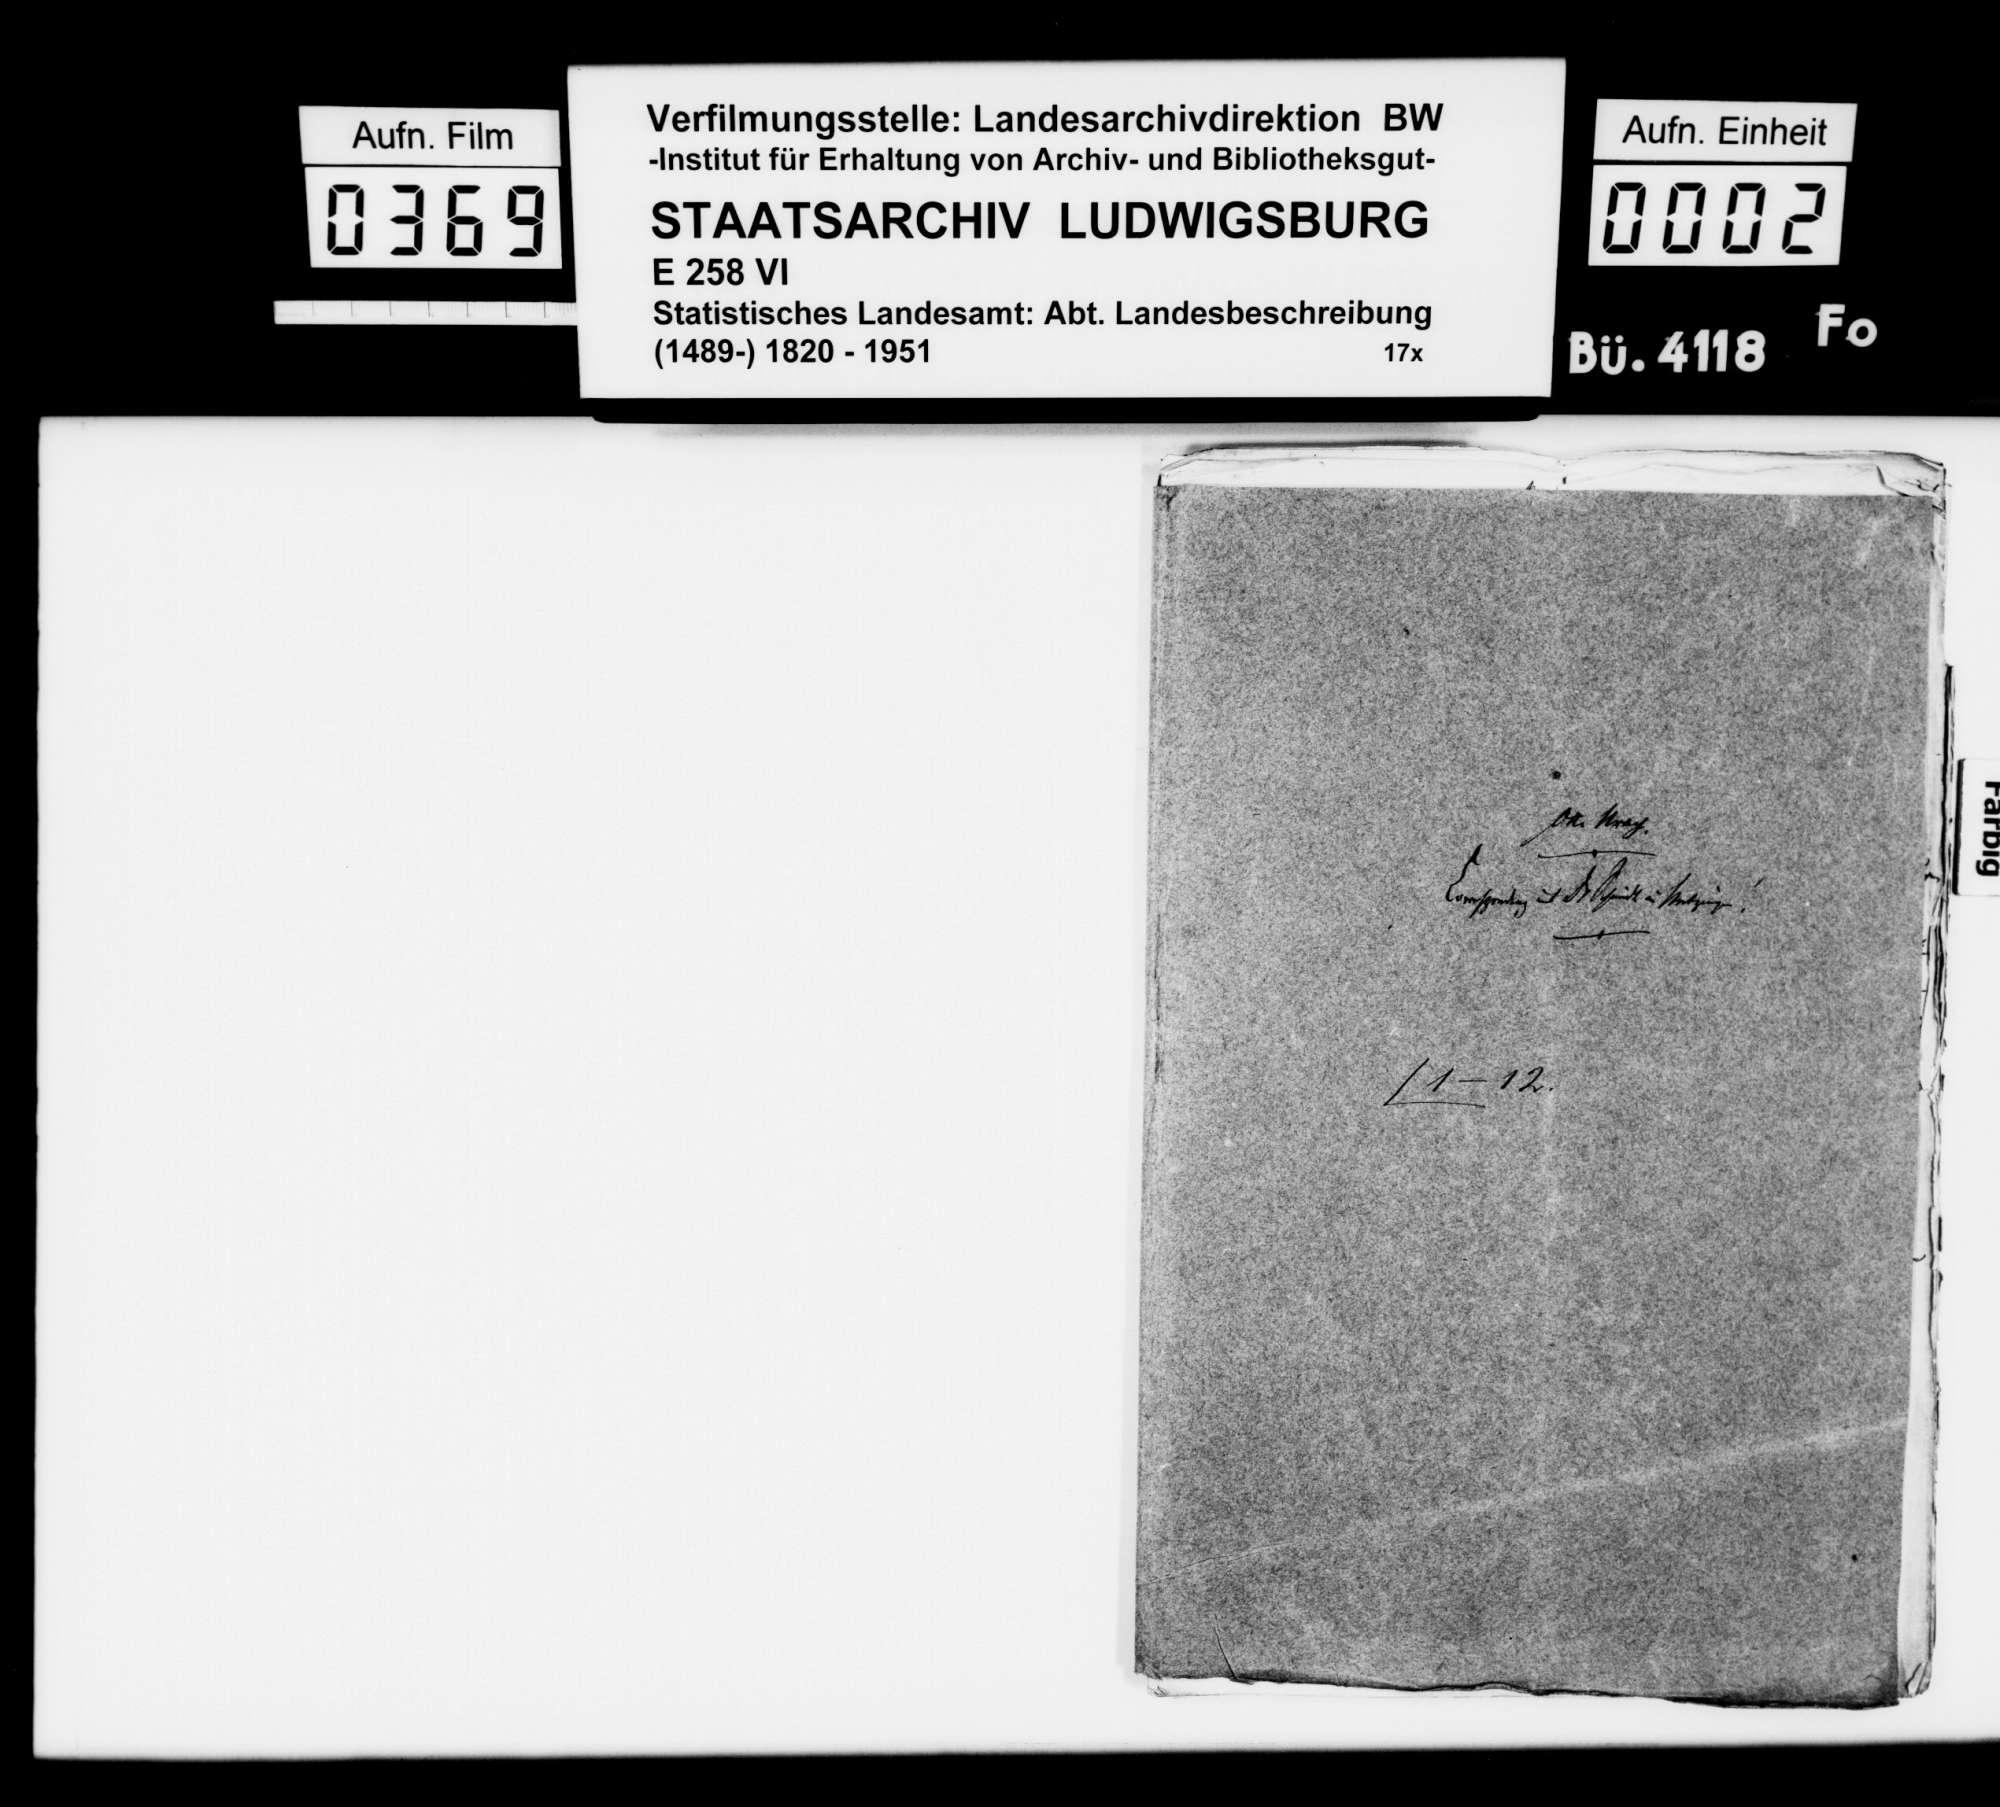 Berichte des Dr. med. Schmidt aus Metzingen über archäologische Grabungen und Funde, Bild 1